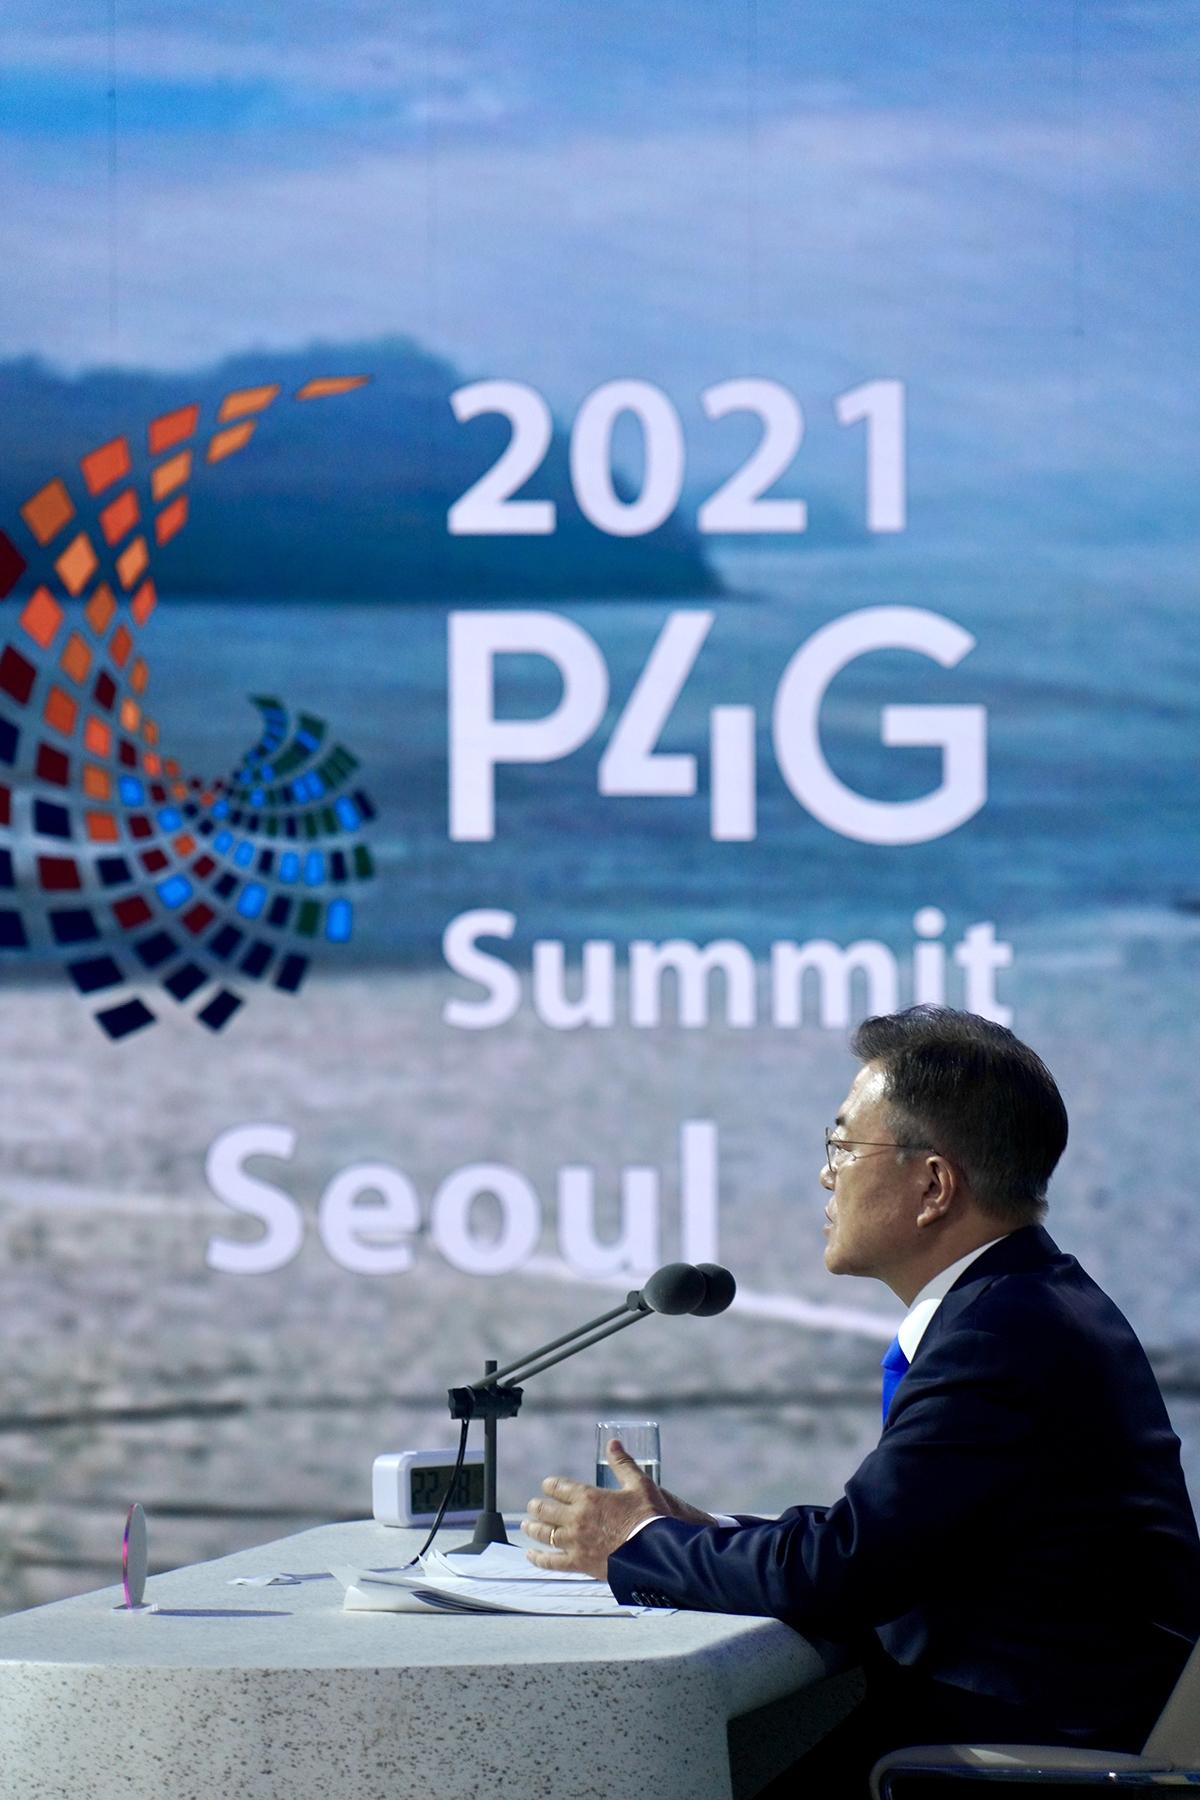 문 대통령이 31일 밤 `P4G 서울 녹색미래 정상회의` 정상토론 세션을 진행하고 있다. (청와대 제공)